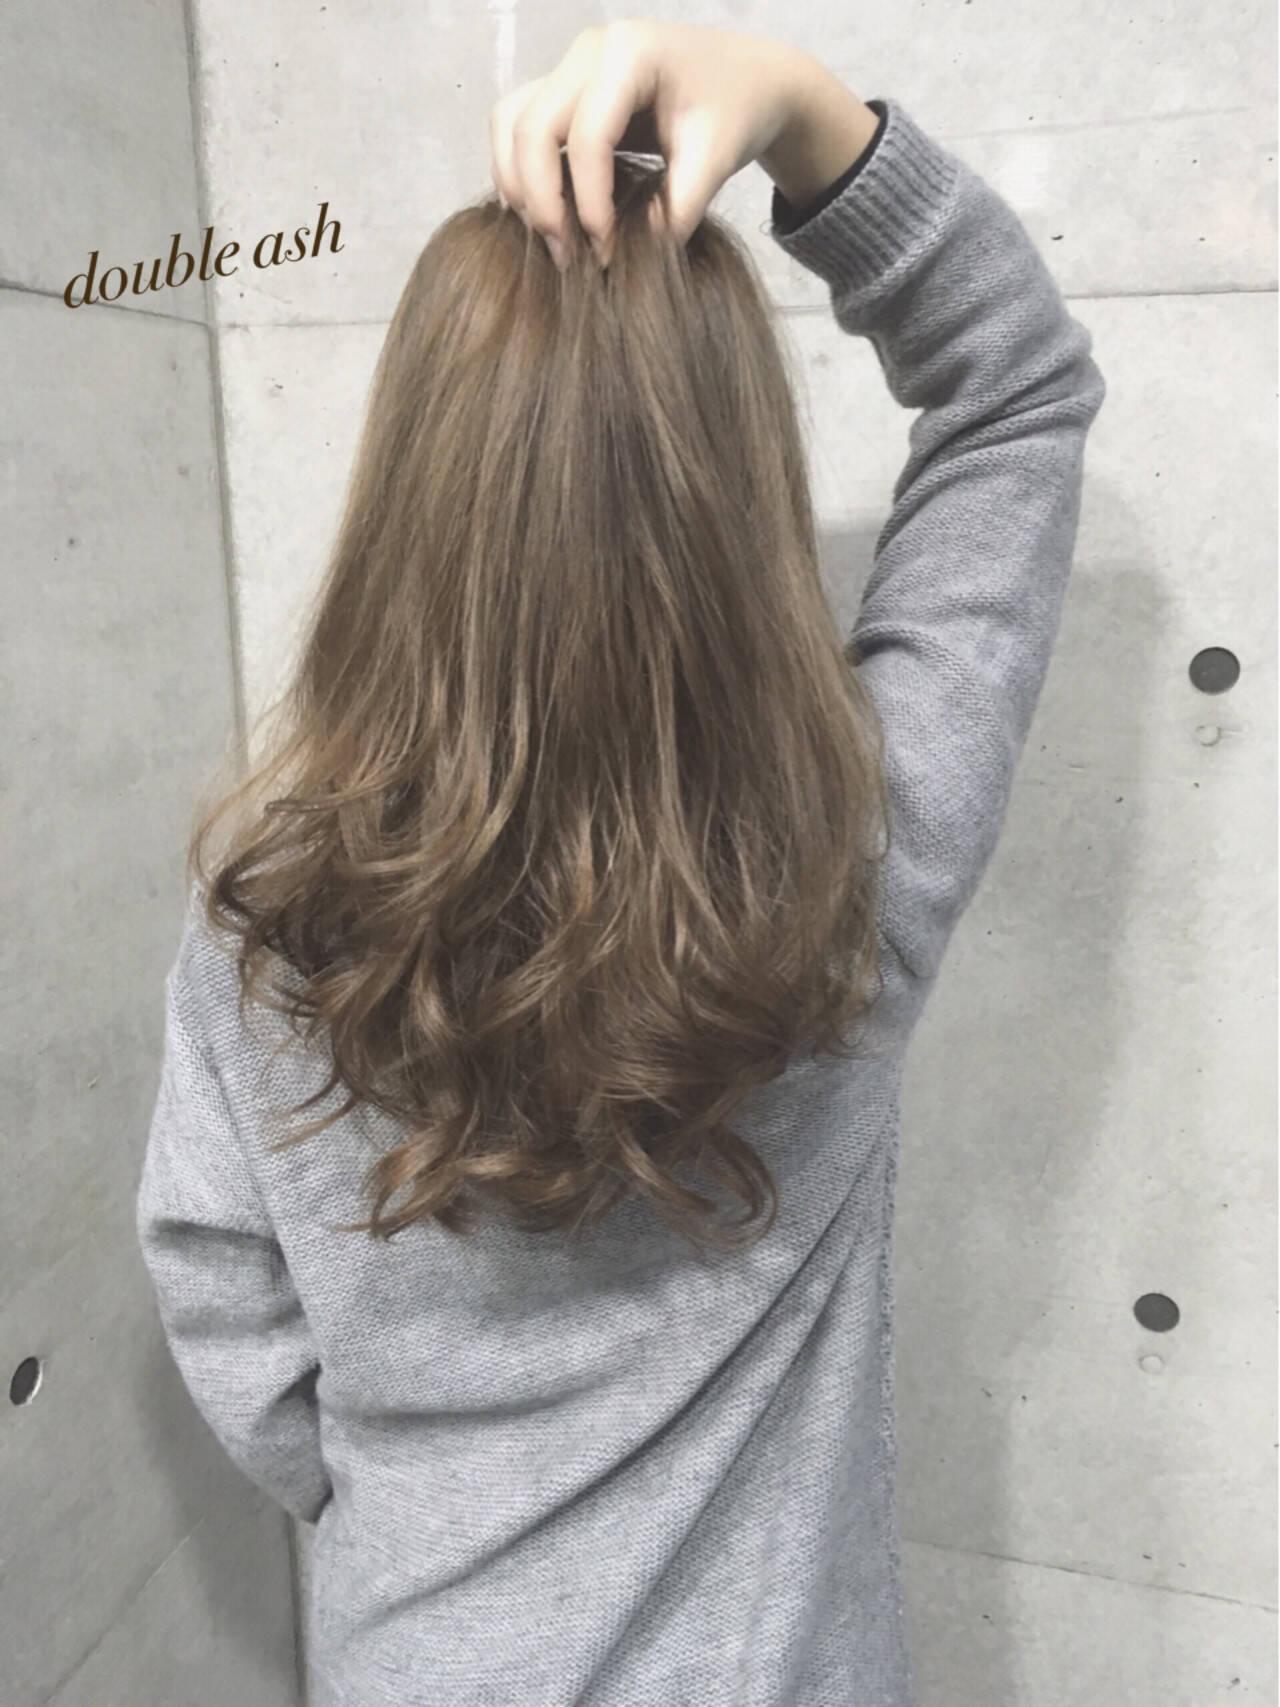 アッシュベージュ ベージュ ロング ガーリーヘアスタイルや髪型の写真・画像